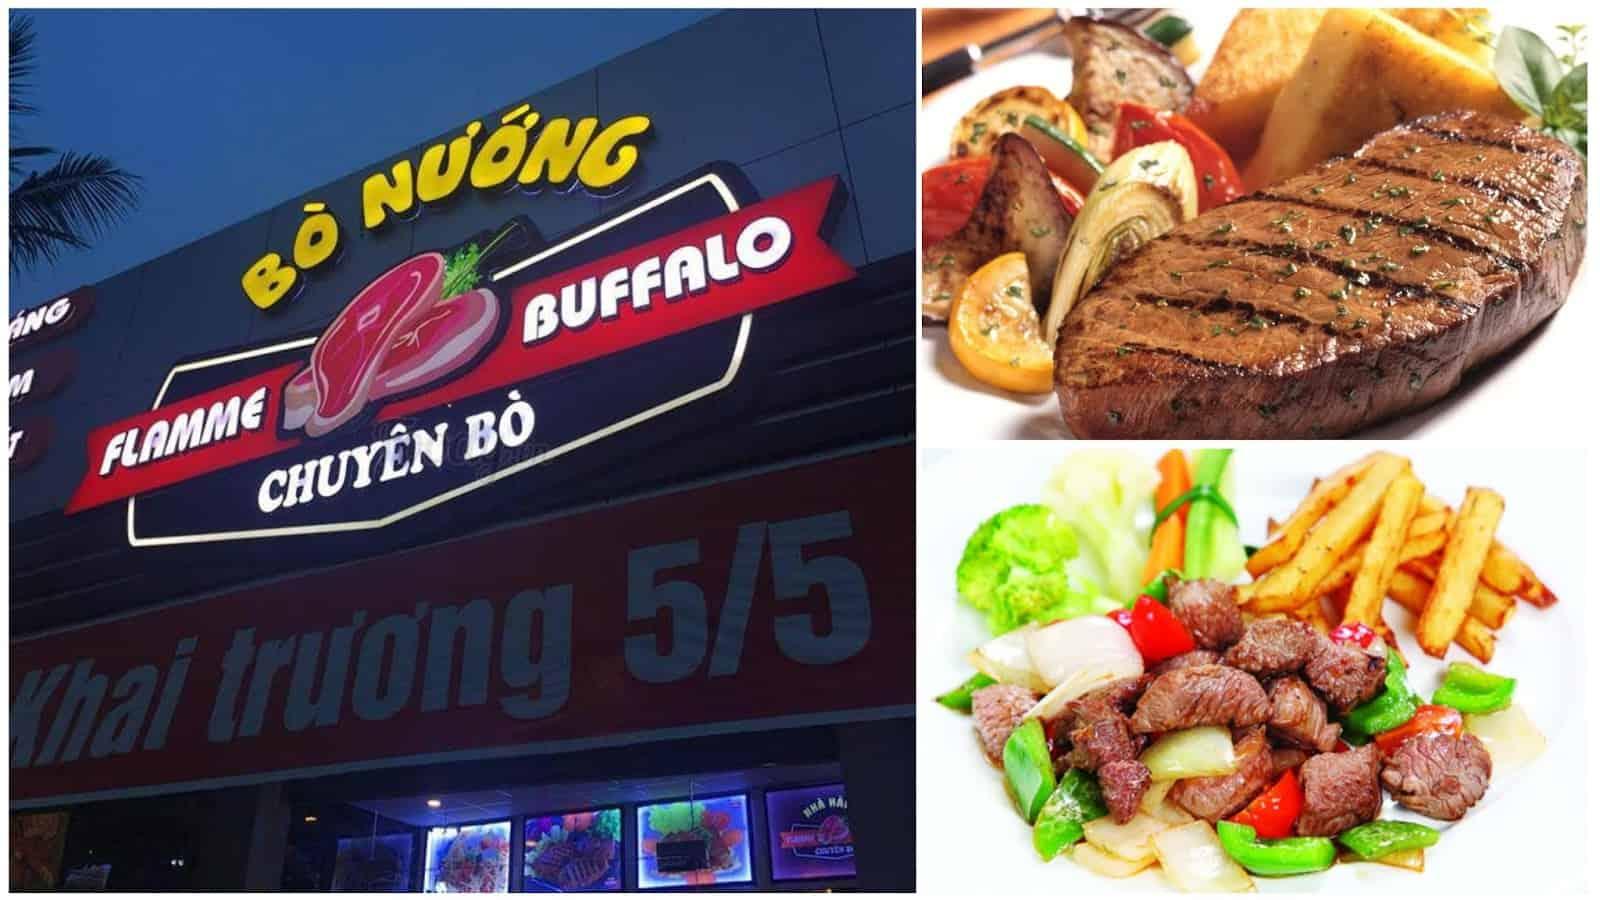 Nhà hàng bò nướng Flamme Buffalo